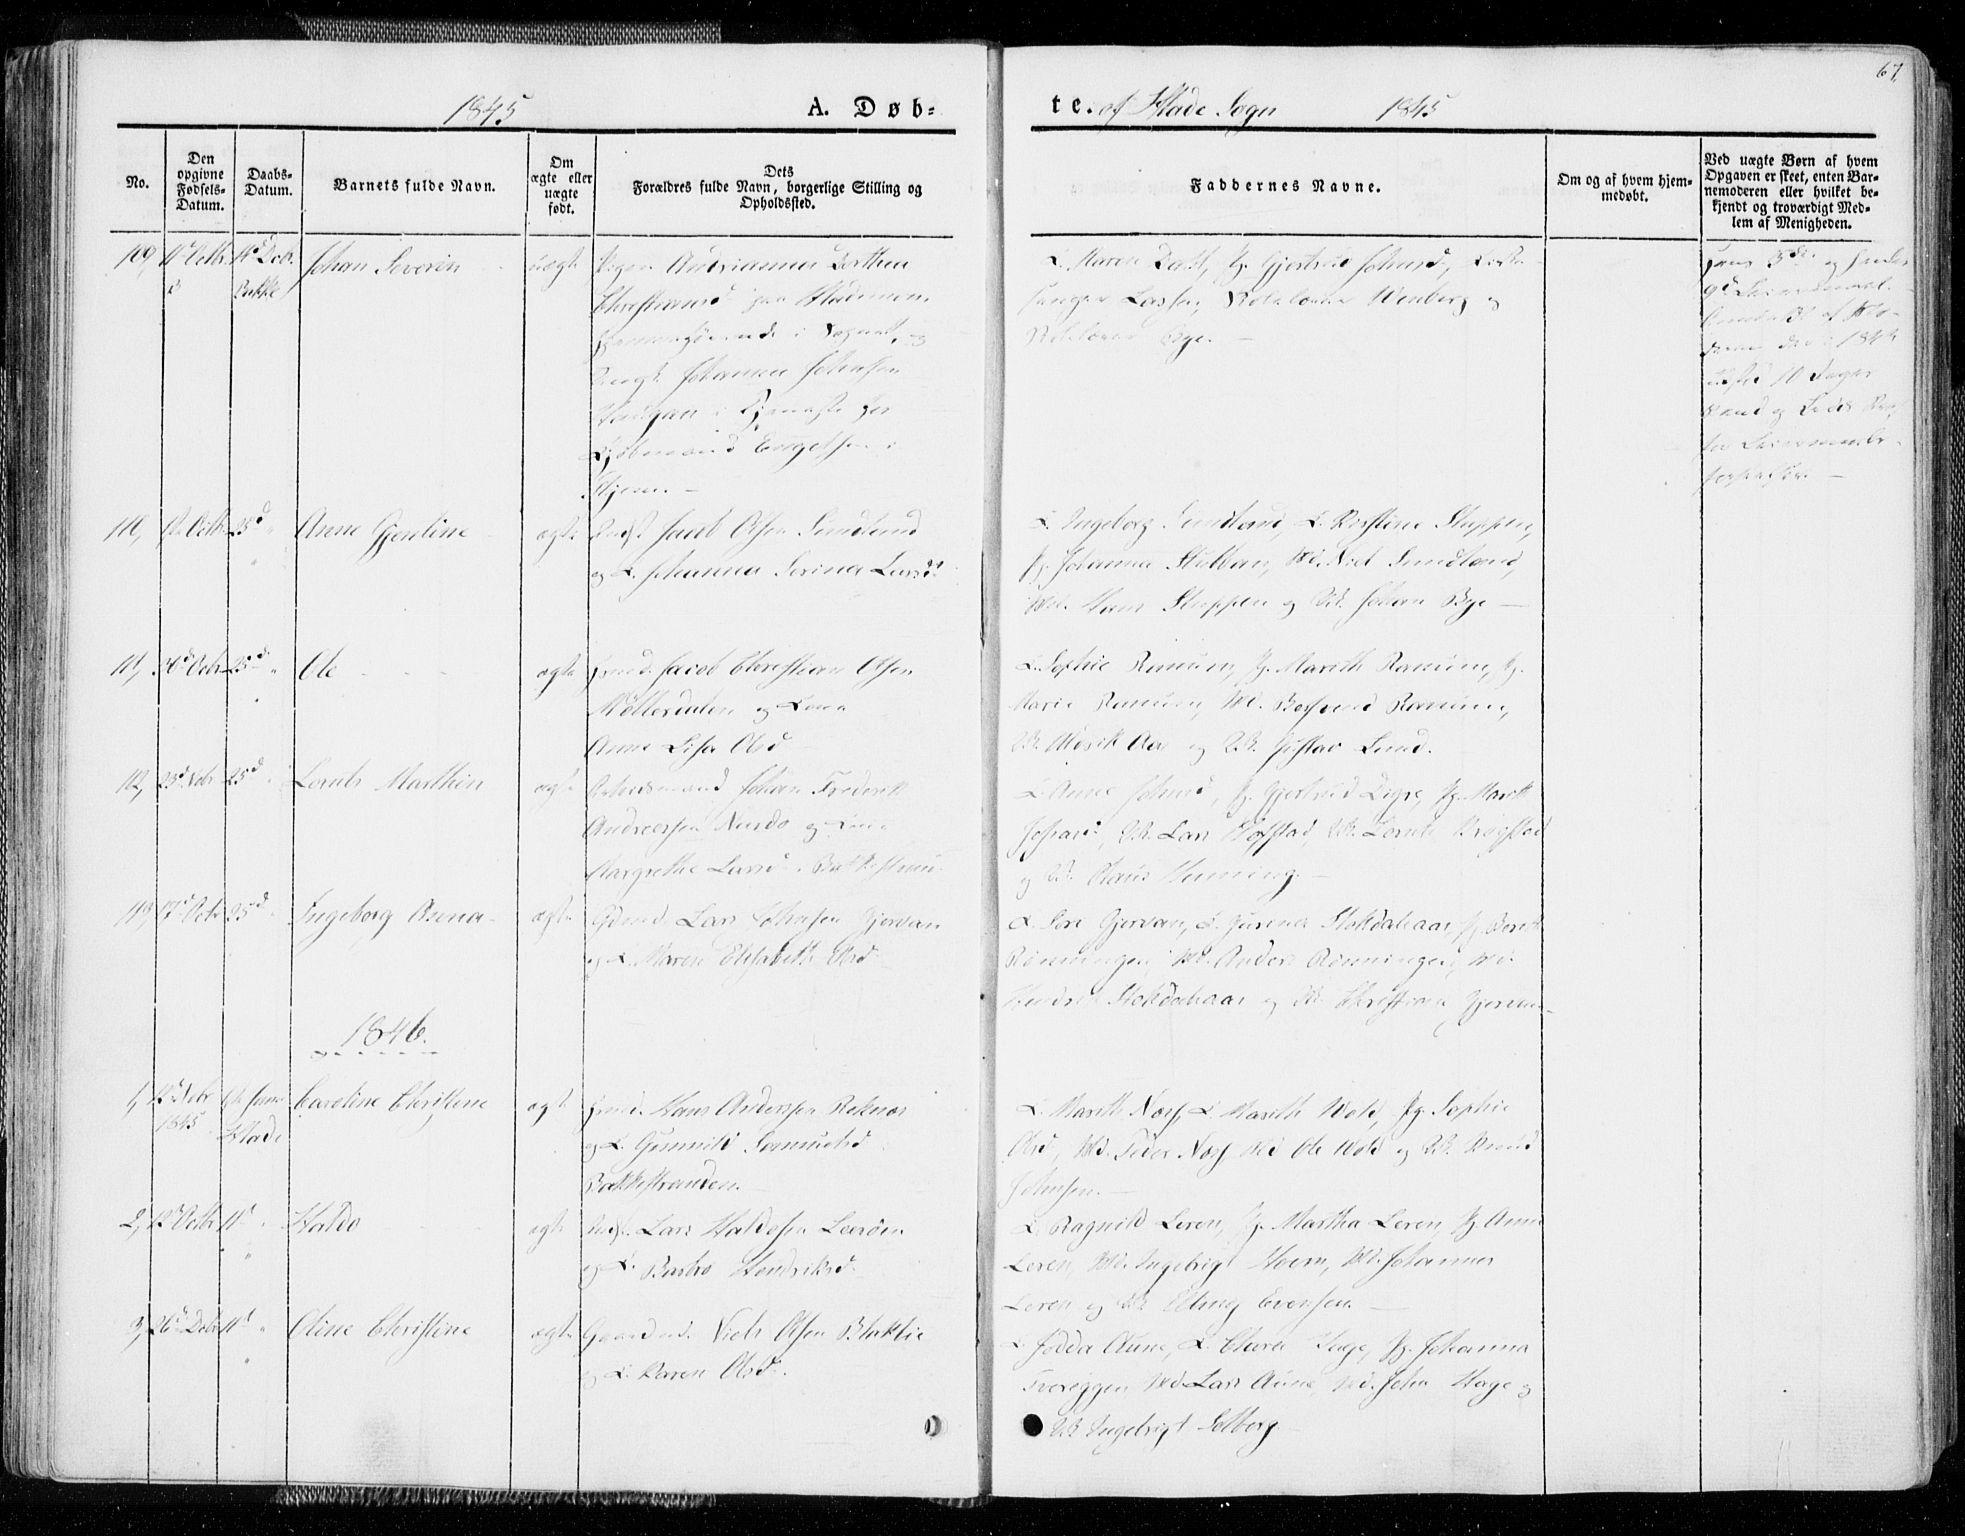 SAT, Ministerialprotokoller, klokkerbøker og fødselsregistre - Sør-Trøndelag, 606/L0290: Ministerialbok nr. 606A05, 1841-1847, s. 67